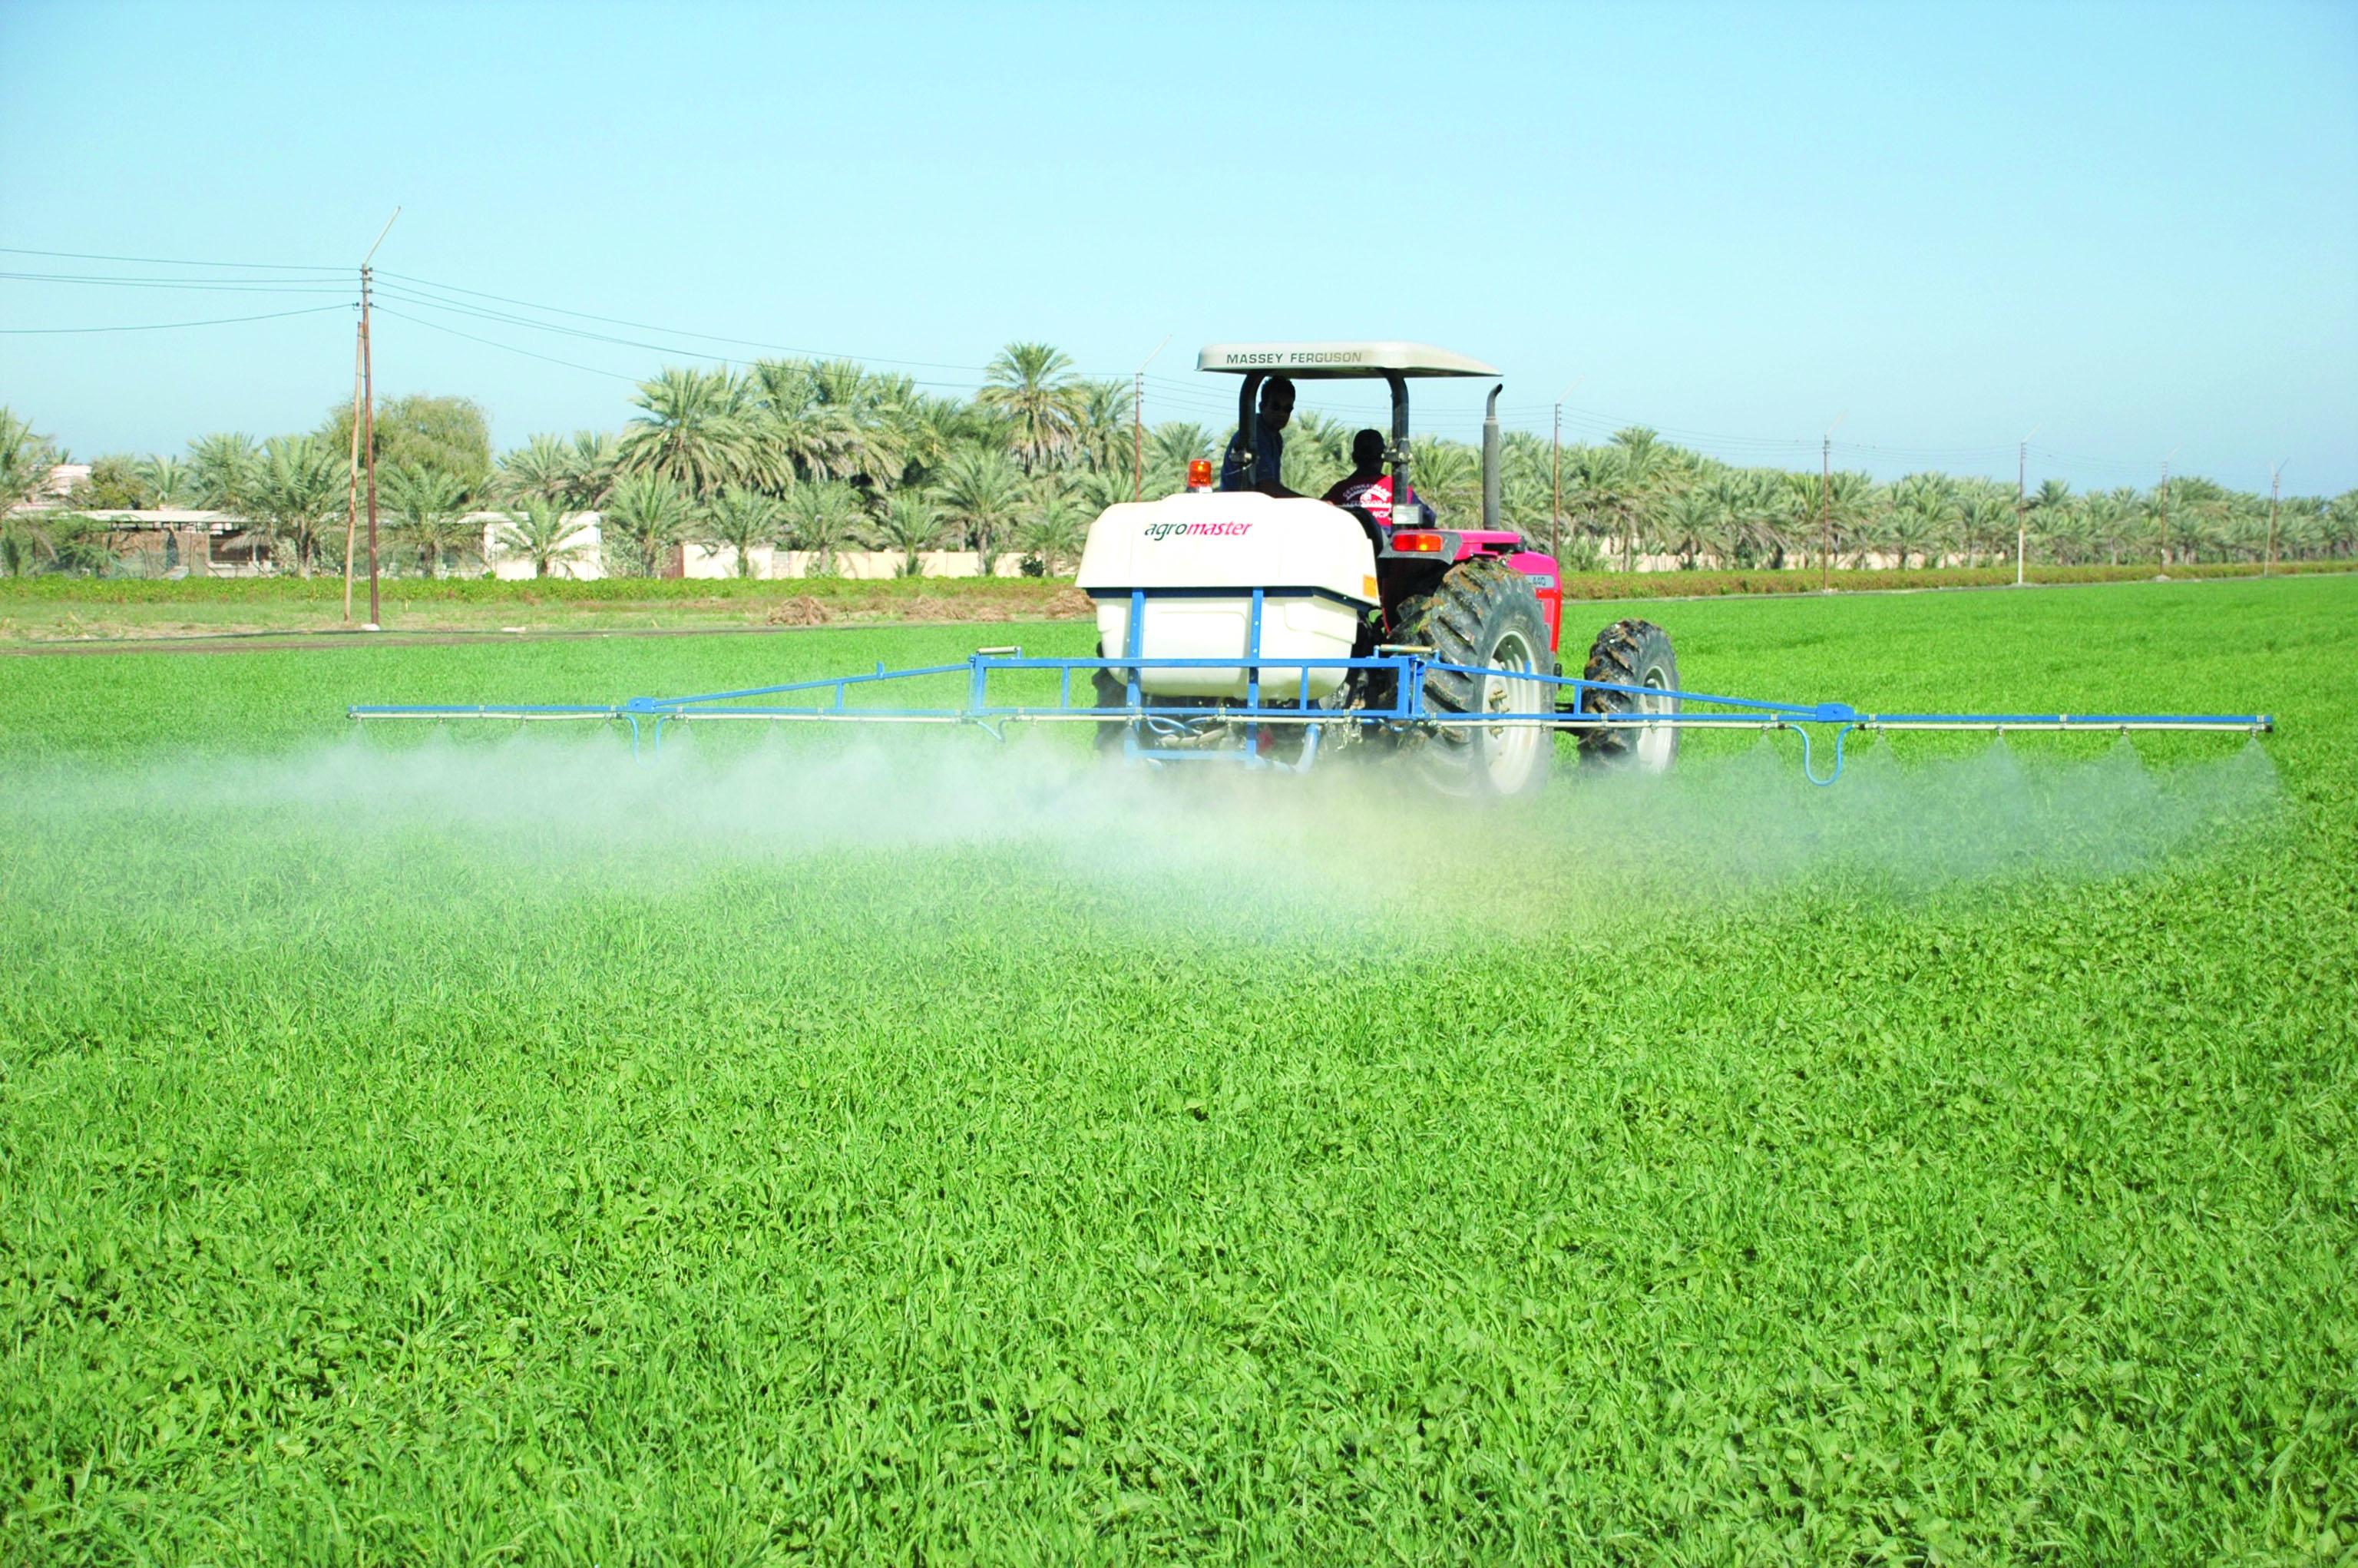 القطاع الزراعي.. خطى واثقة نحو الأمن الغذائي